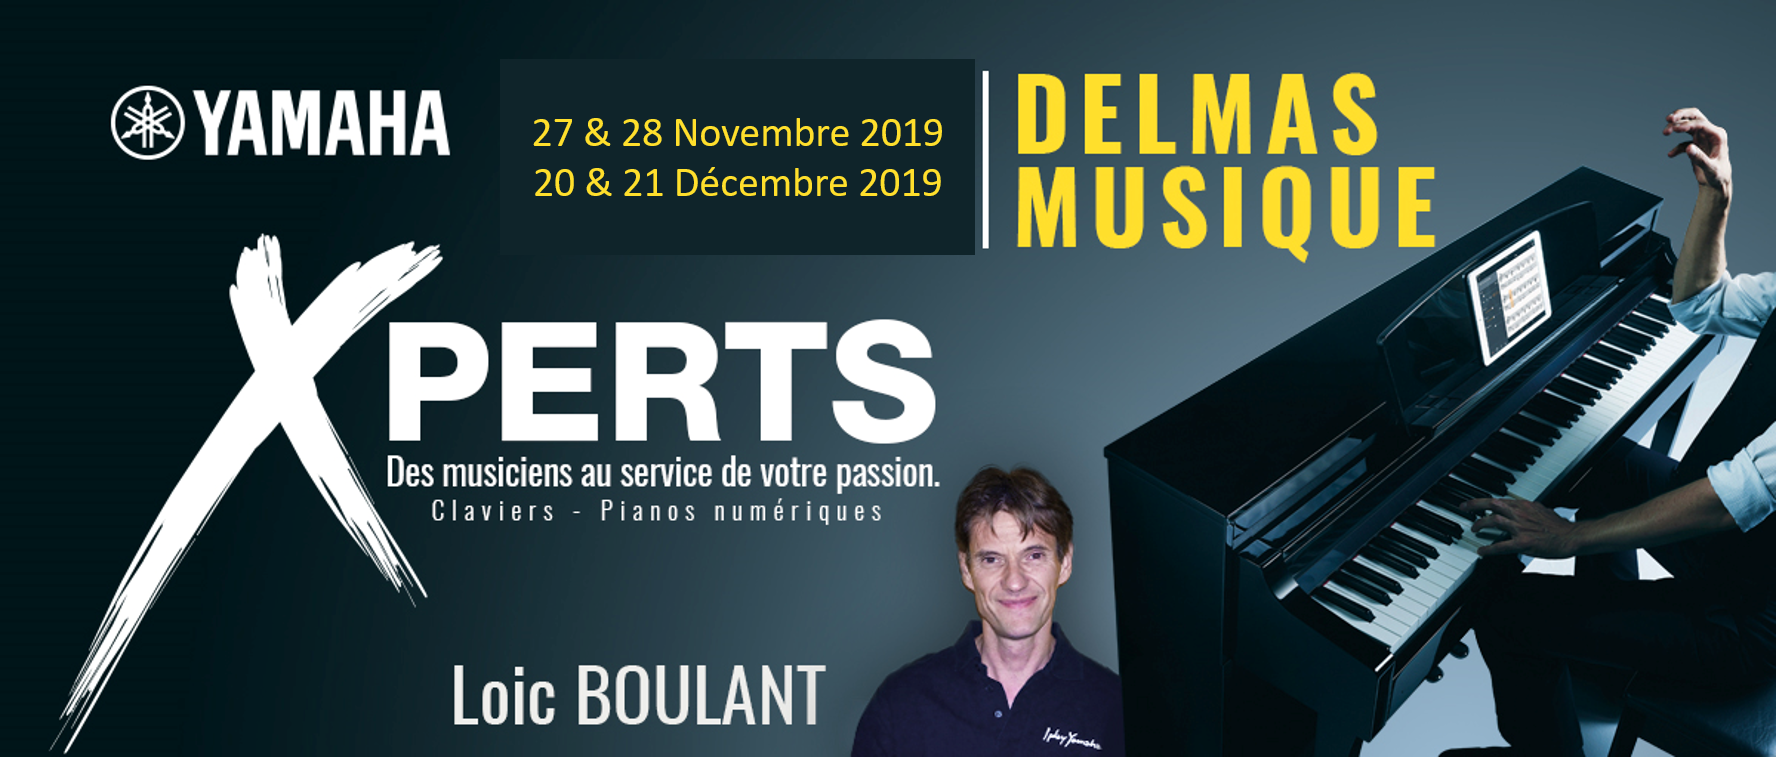 Delmas Musique Picture1 En cette fin d'année 2019 rencontrez notre Xpert YAMAHA en claviers et arrangeurs